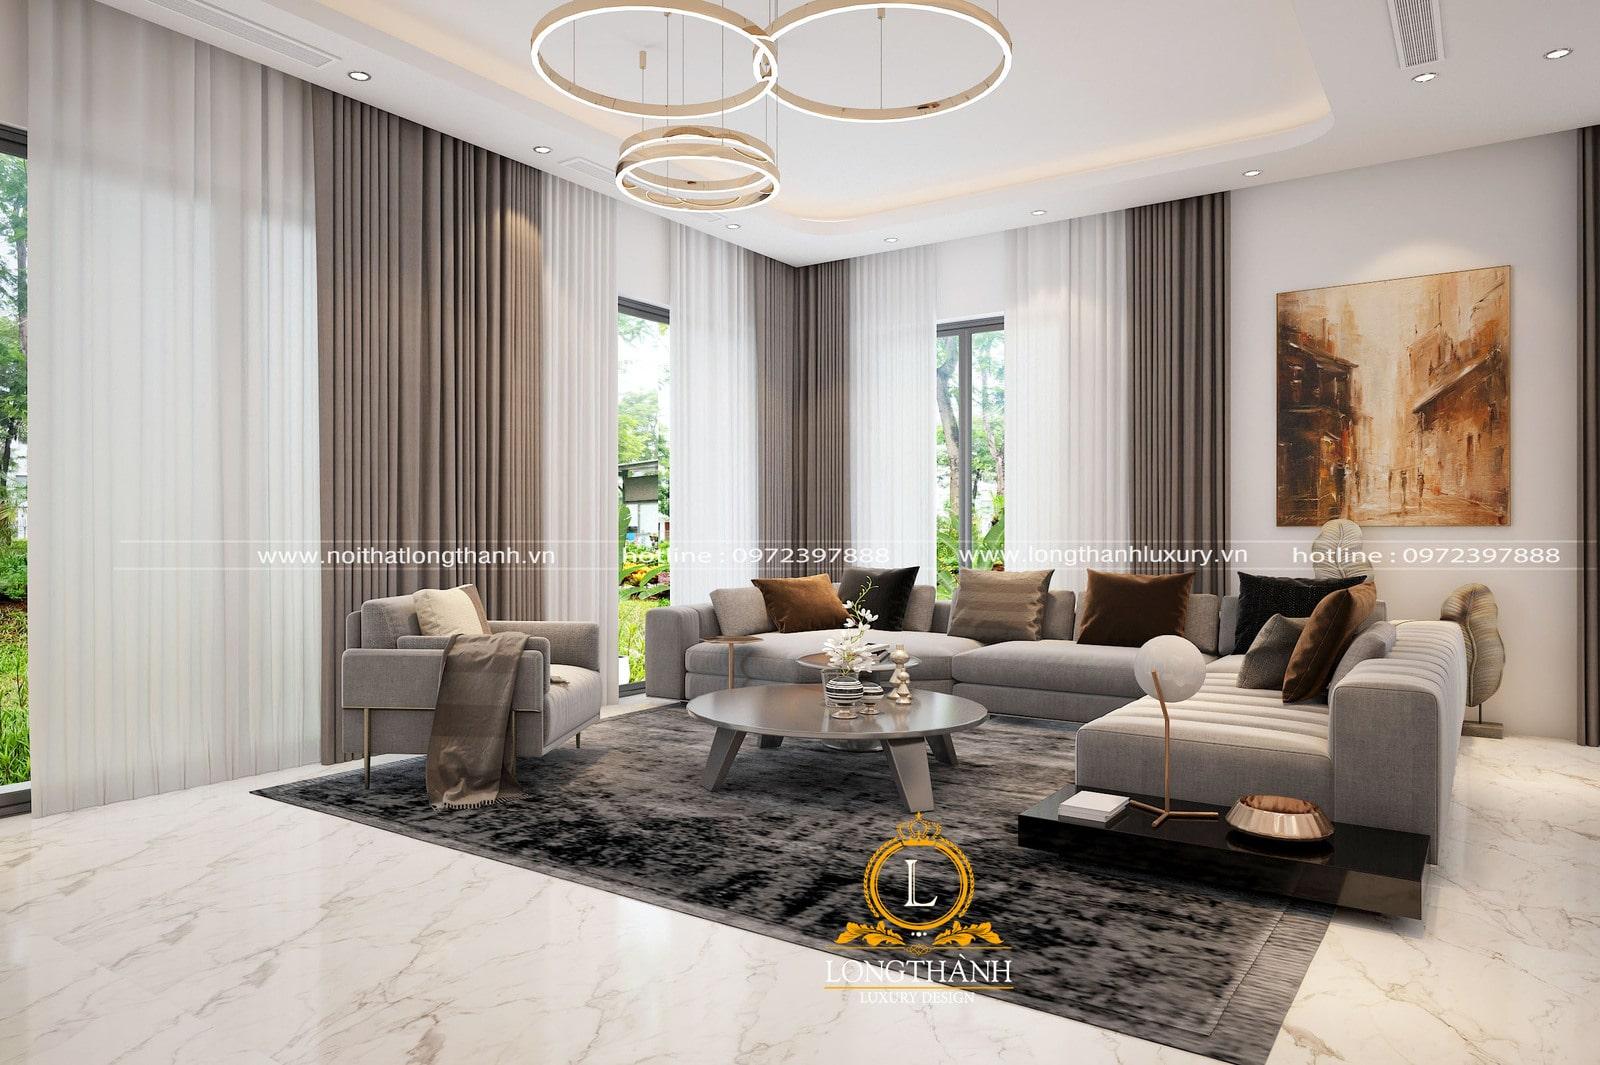 Gối tựa sofa phong cách hiện đại